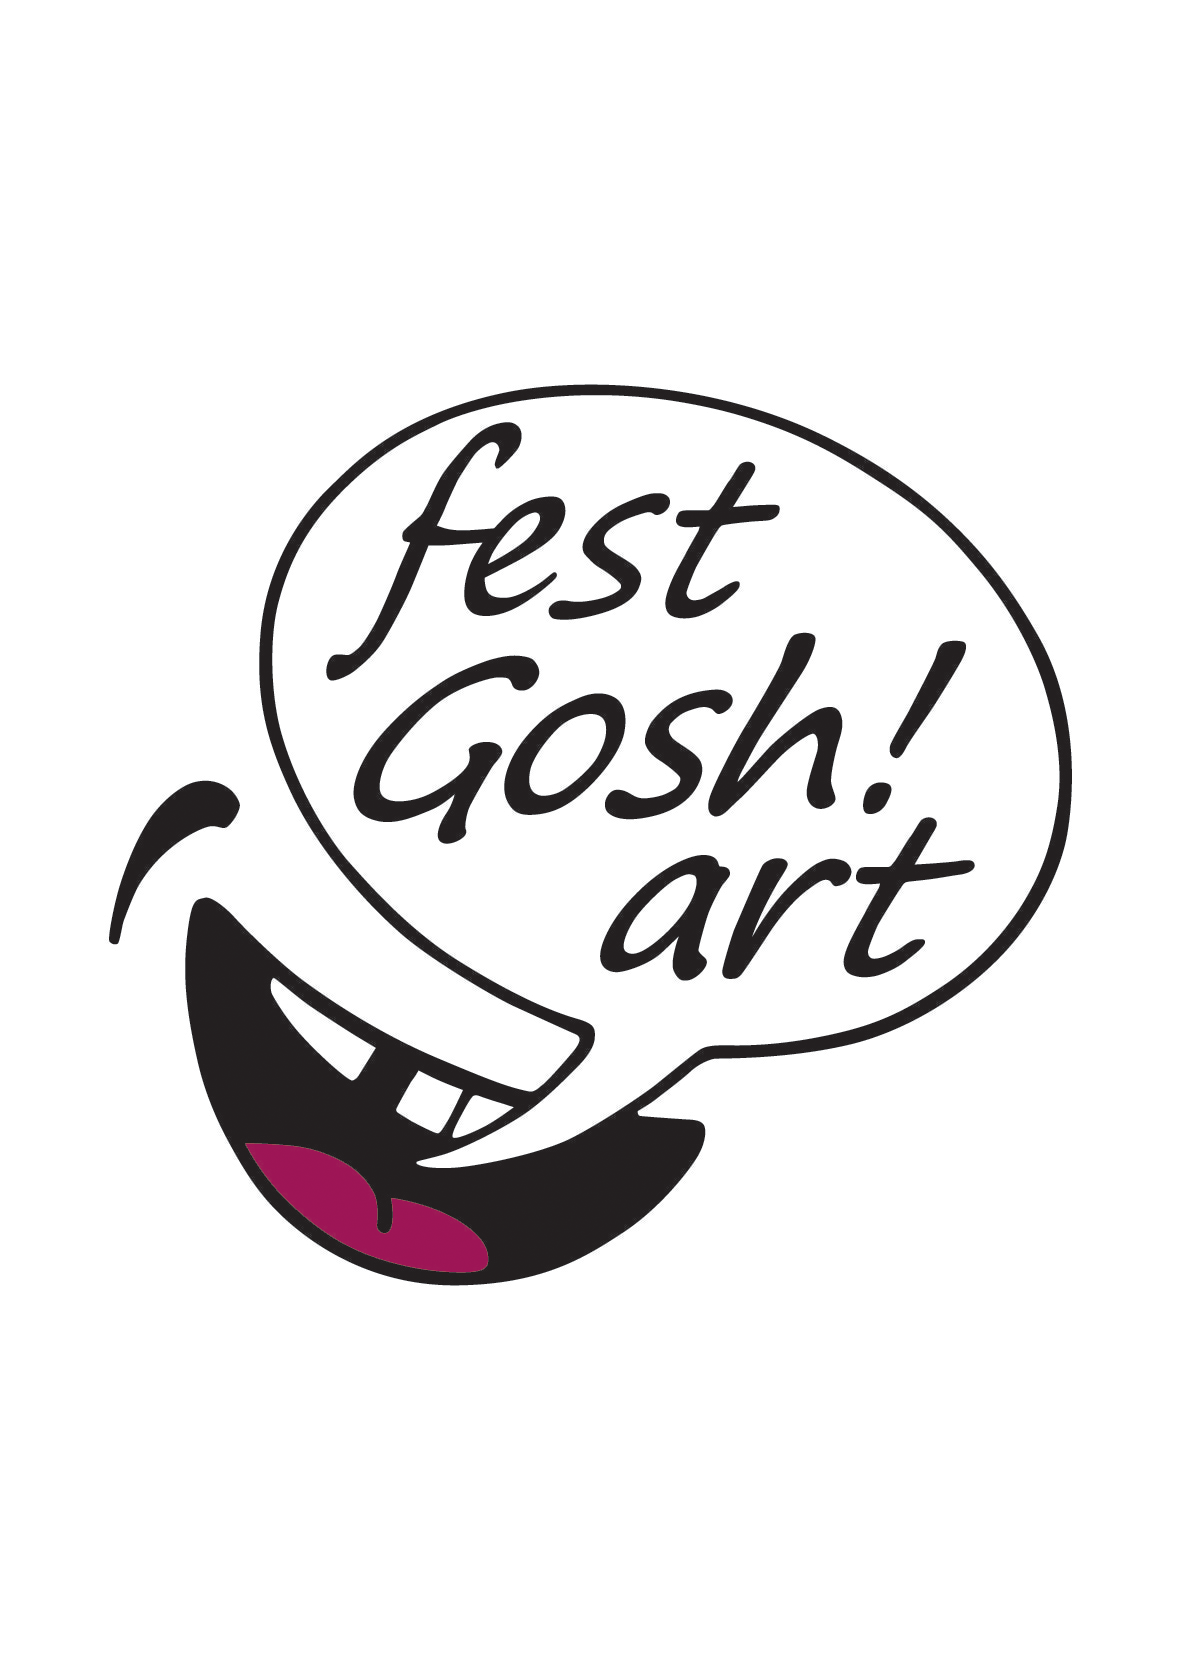 fest-goshart.png